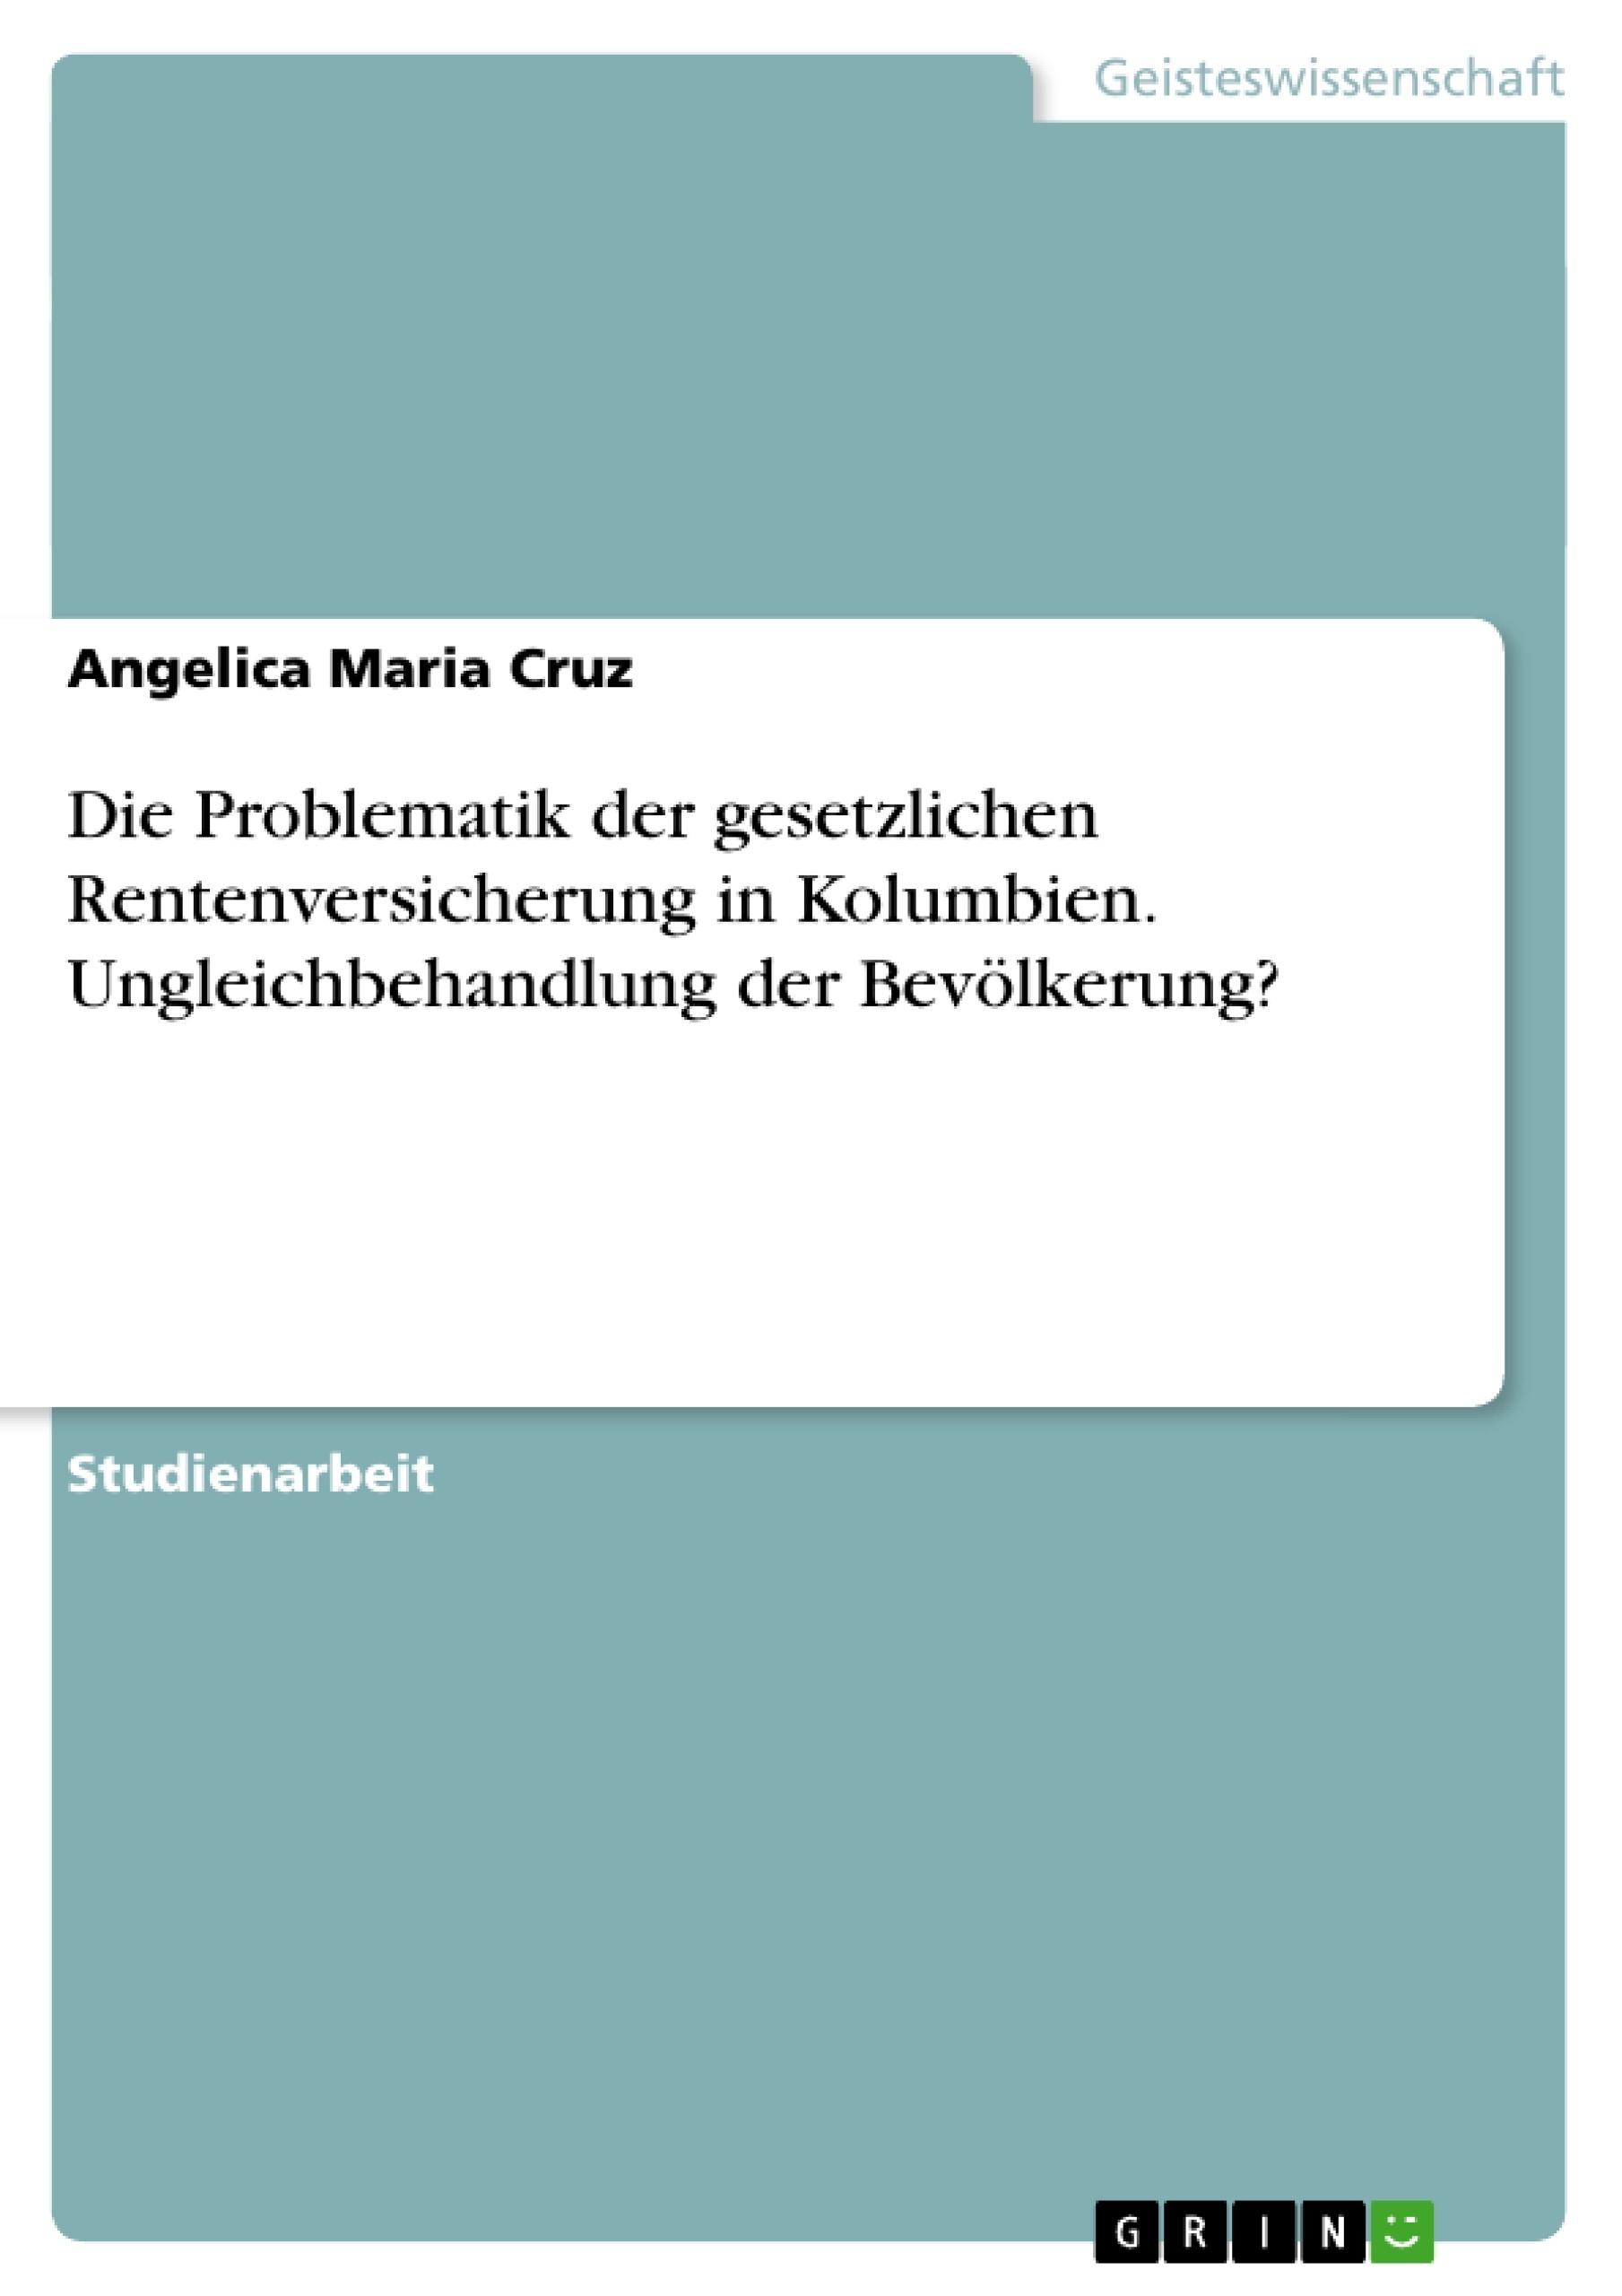 Titel: Die Problematik der gesetzlichen Rentenversicherung in Kolumbien. Ungleichbehandlung der Bevölkerung?